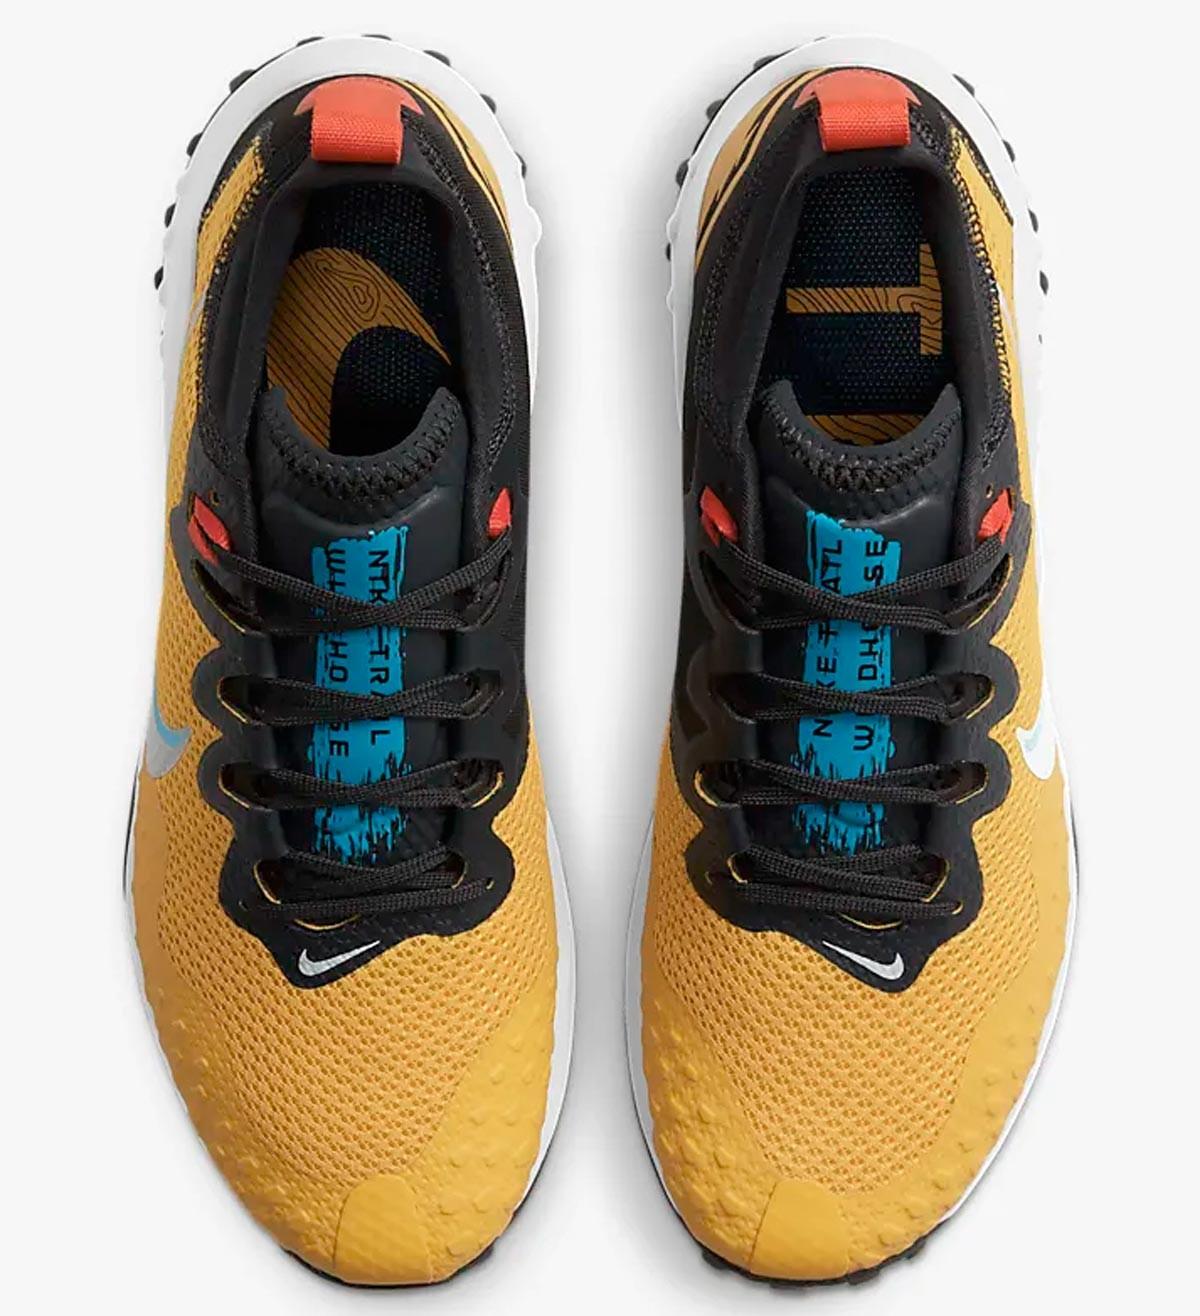 Nike Wildhorse 7, precios - foto 3